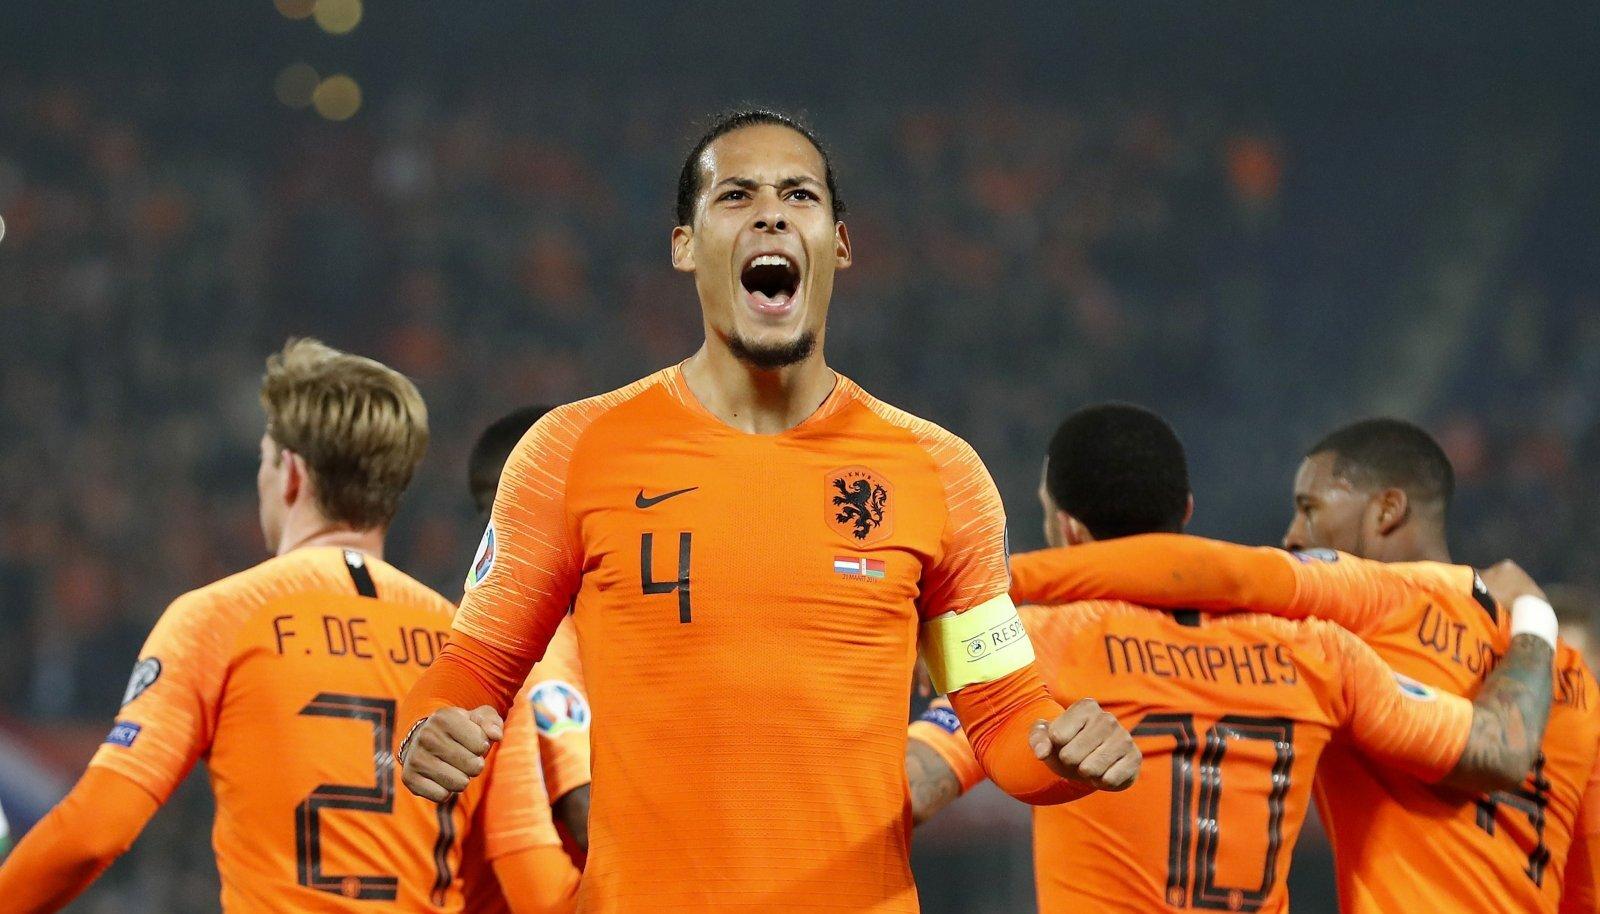 Hollandi koondise kapten Virgil van Dijk (esiplaanil) jääb EM-ist eemale. Hollandi koondist peavad vedama Frenke de Jong (vasakult), Memphis Depay ja Georgino Wijnaldum.